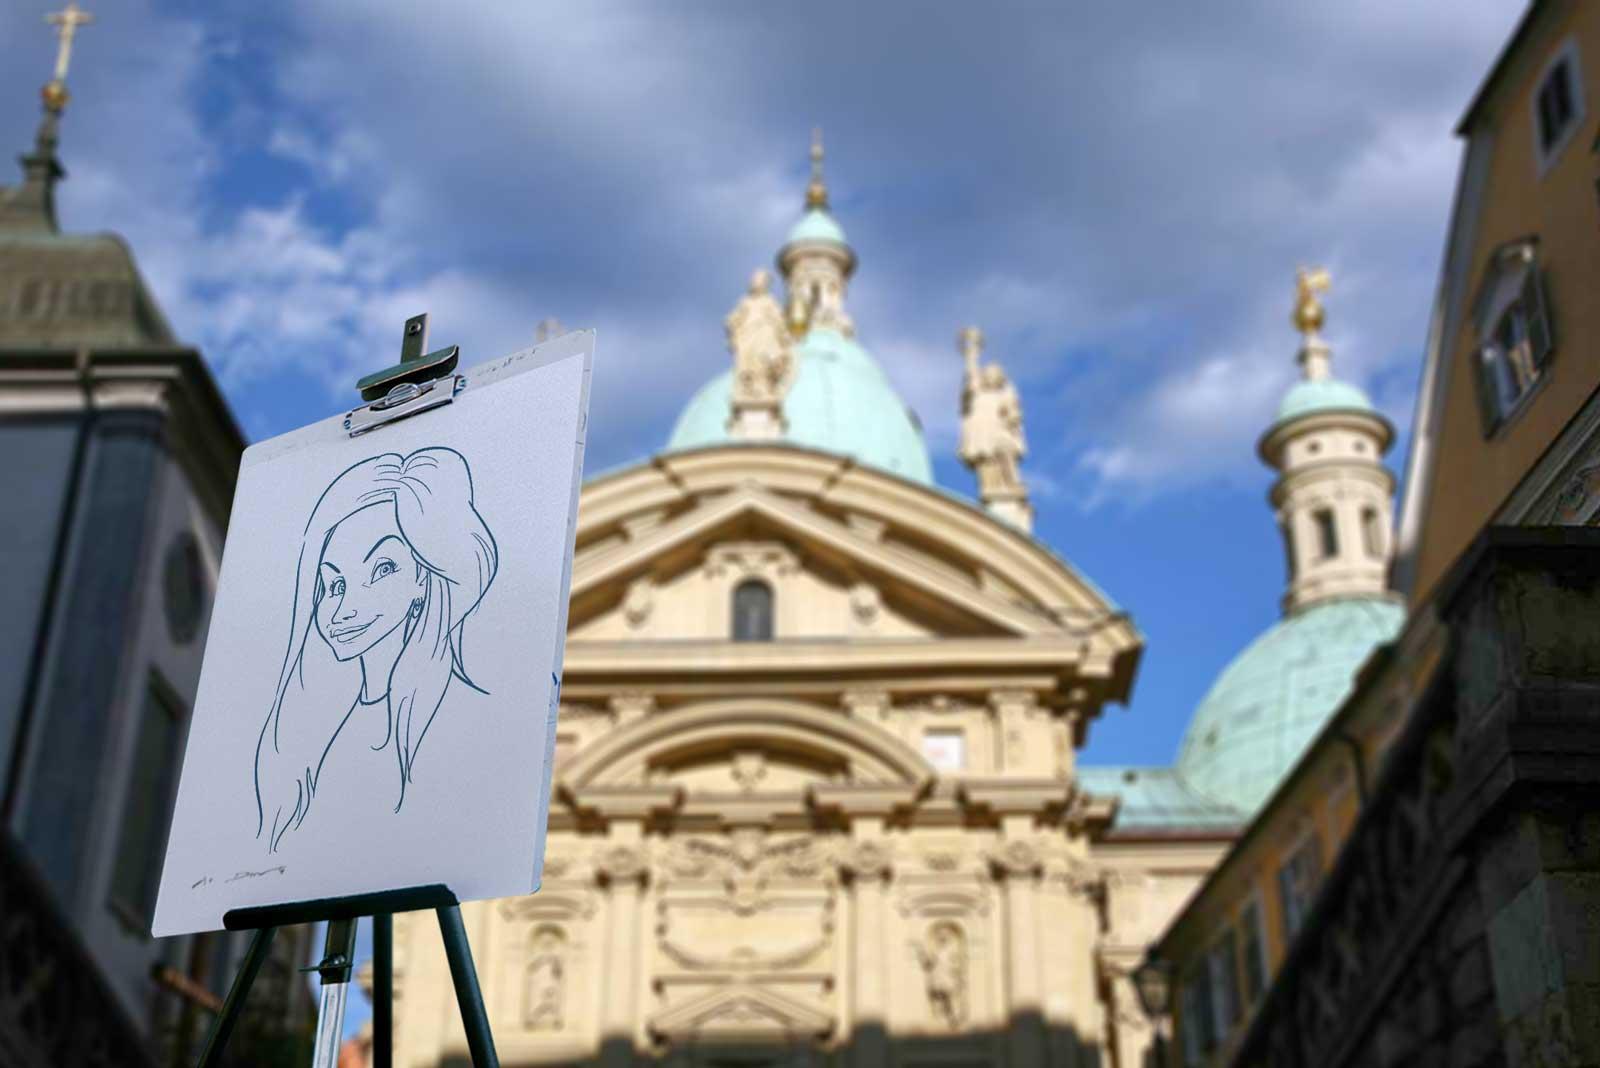 Karikaturist und Schnellzeichner für Graz und Umgebung